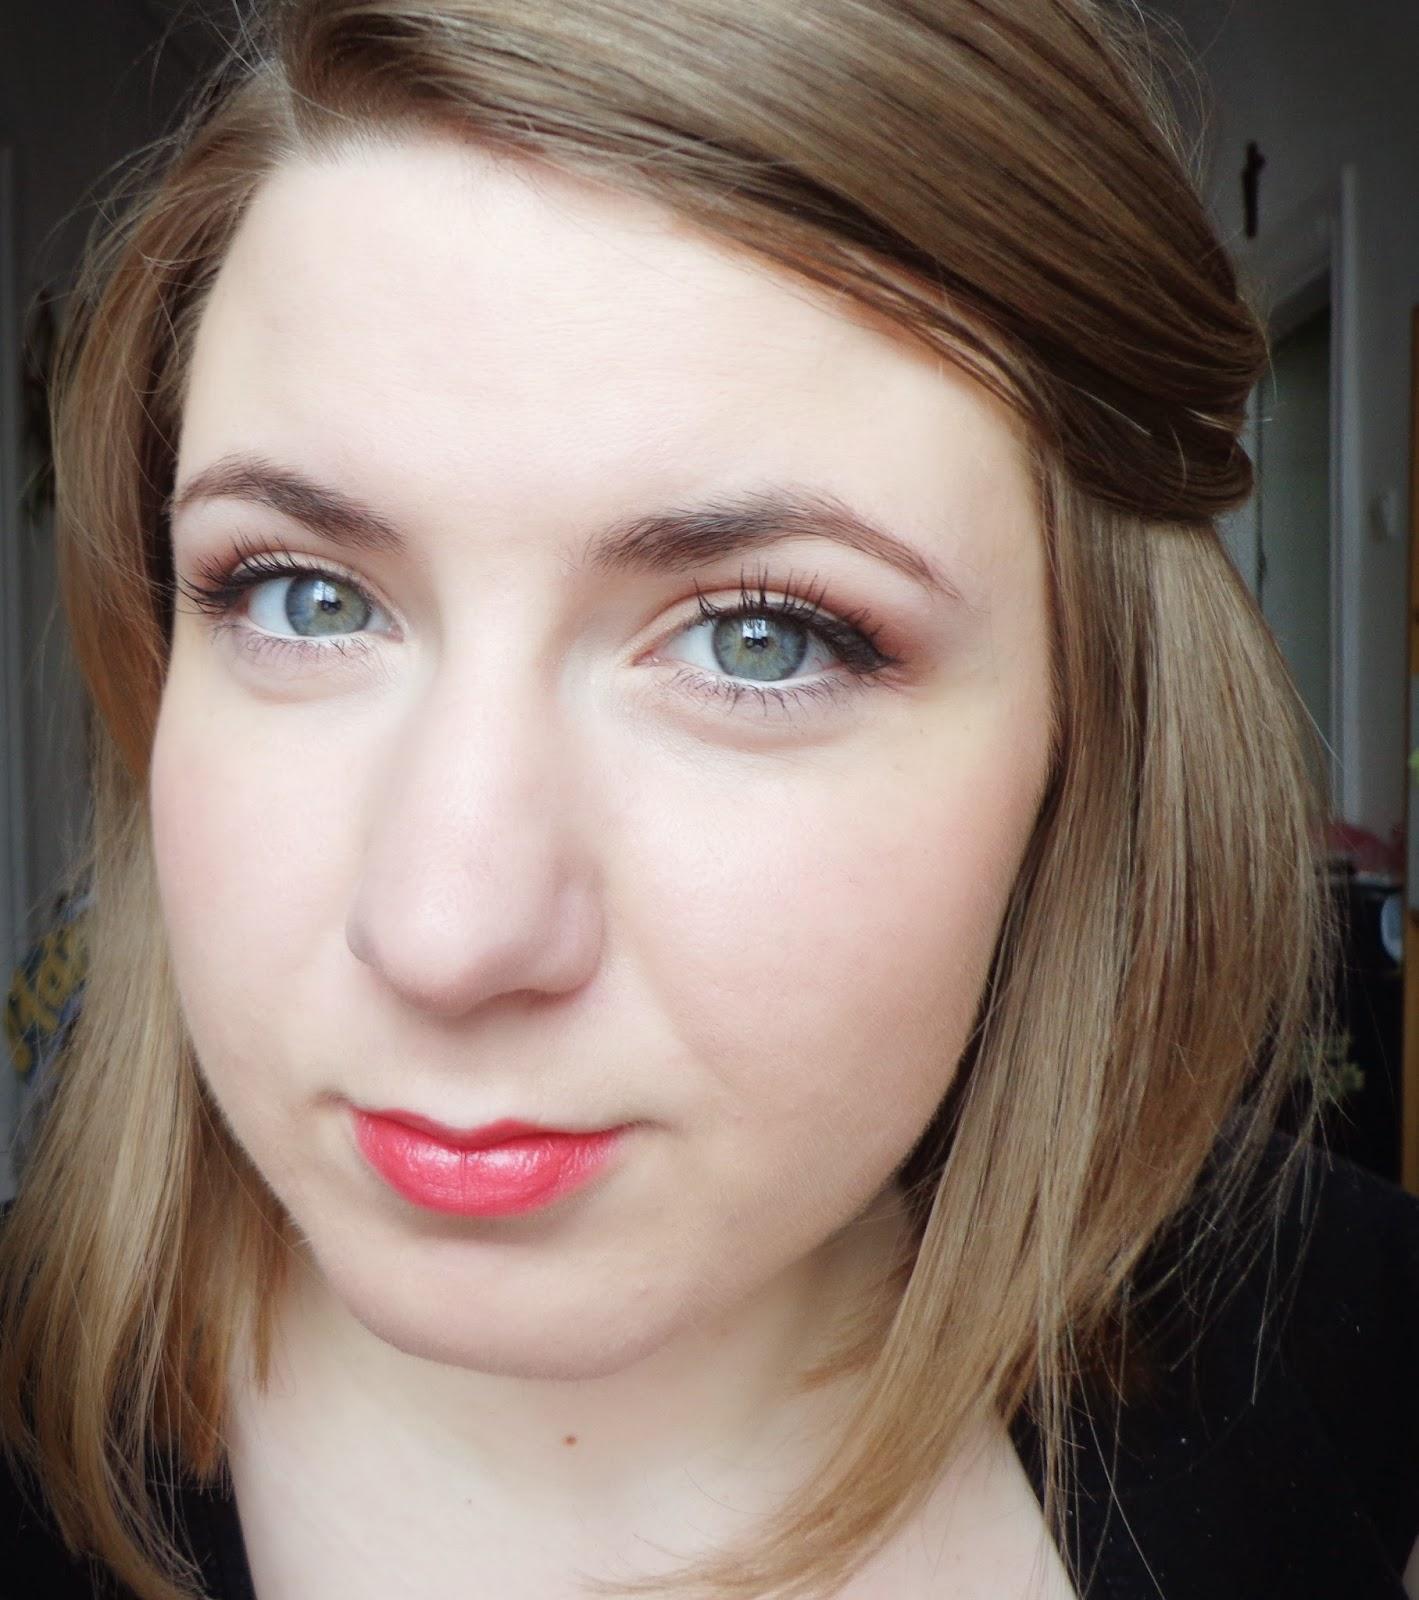 http://ka-em-makeup.blogspot.com/2014/04/make-up-no-make-up.html#more